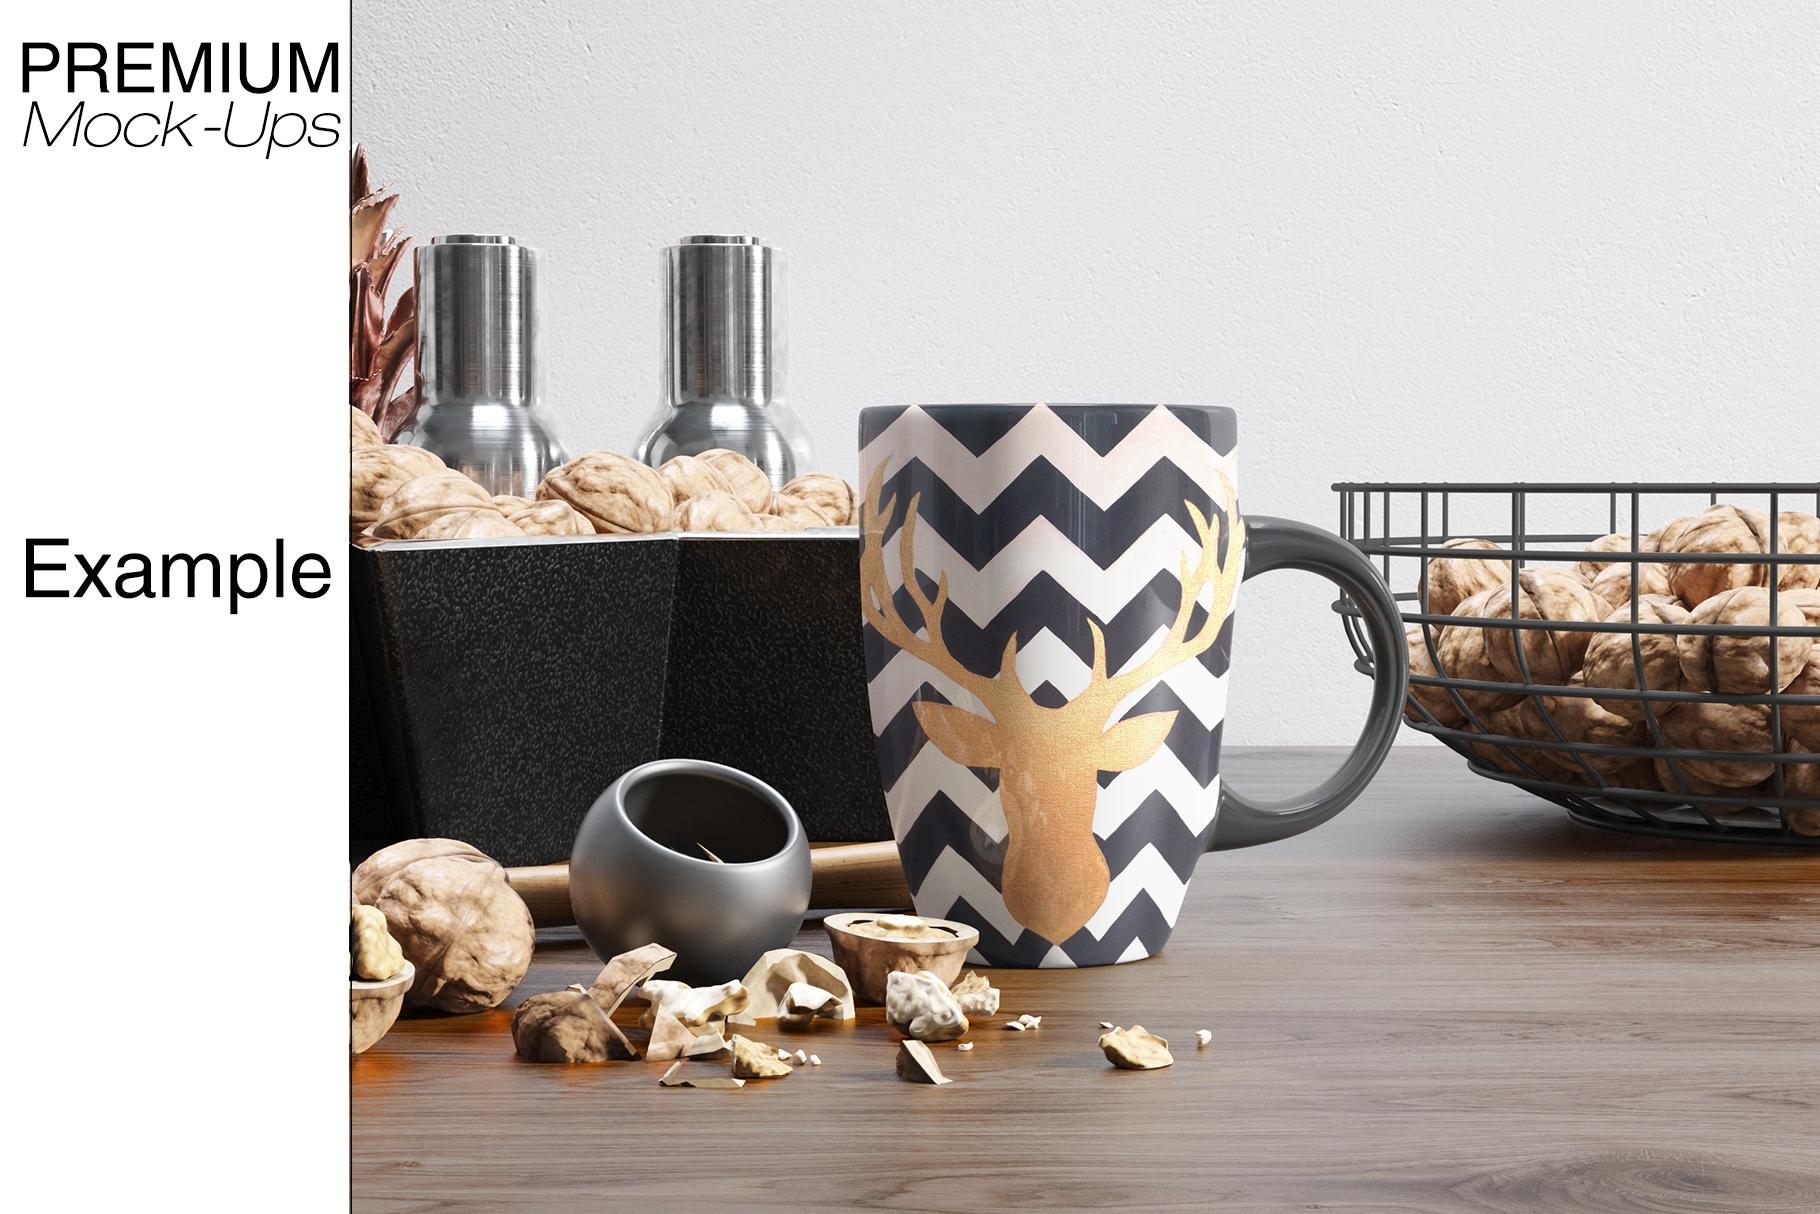 Mug Mockups - Many Shapes example image 14